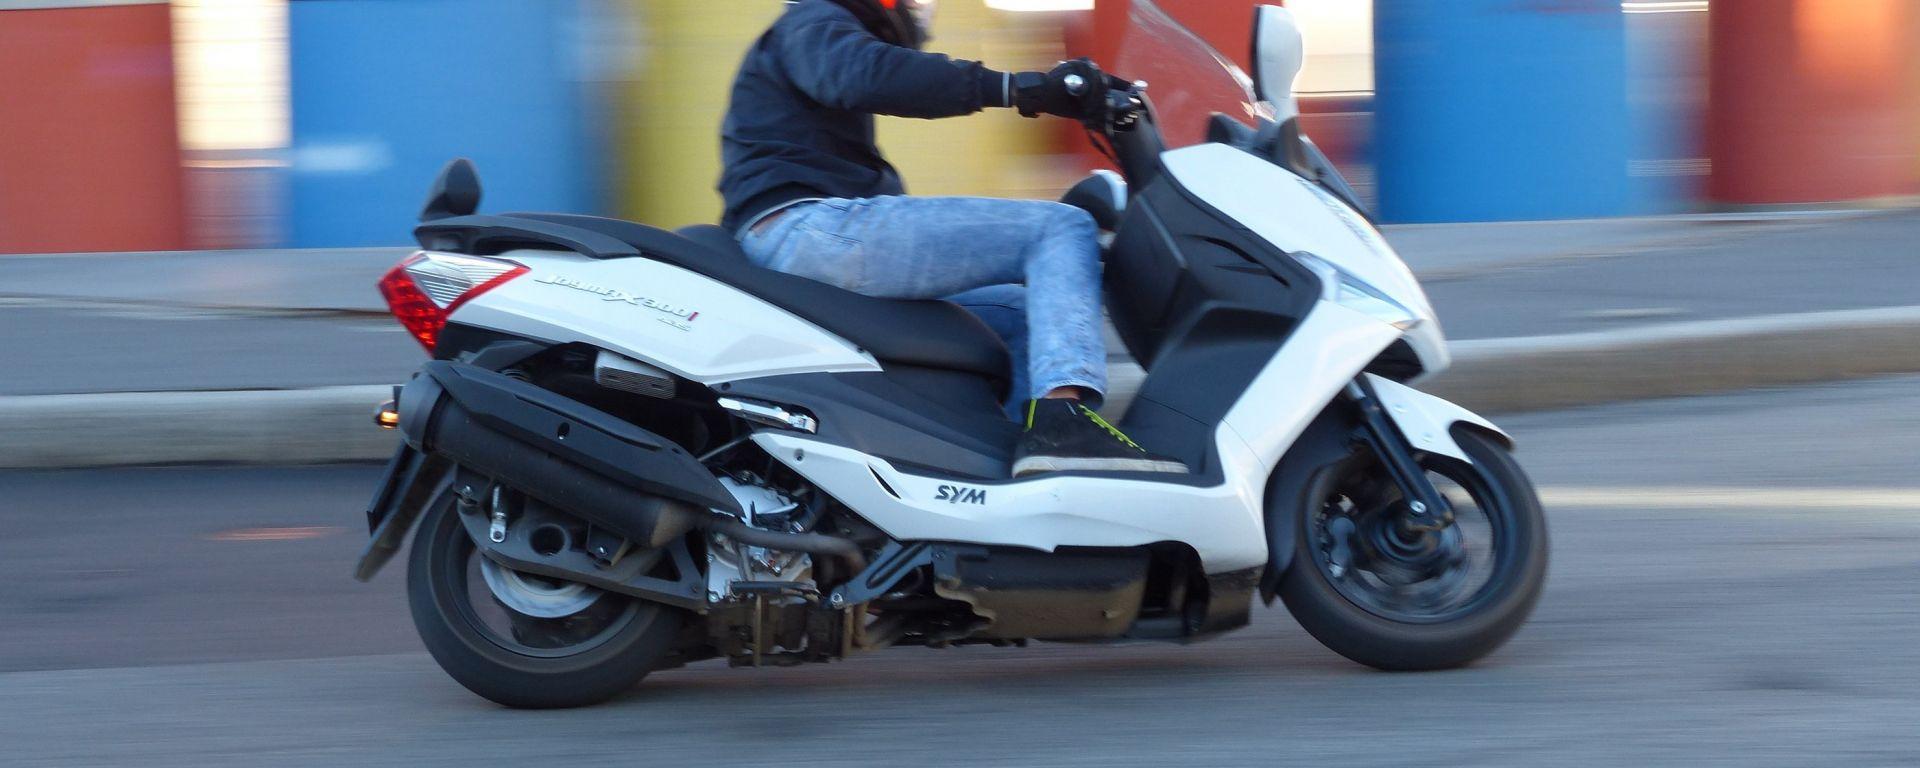 SYM: un finanziamento per due scooter